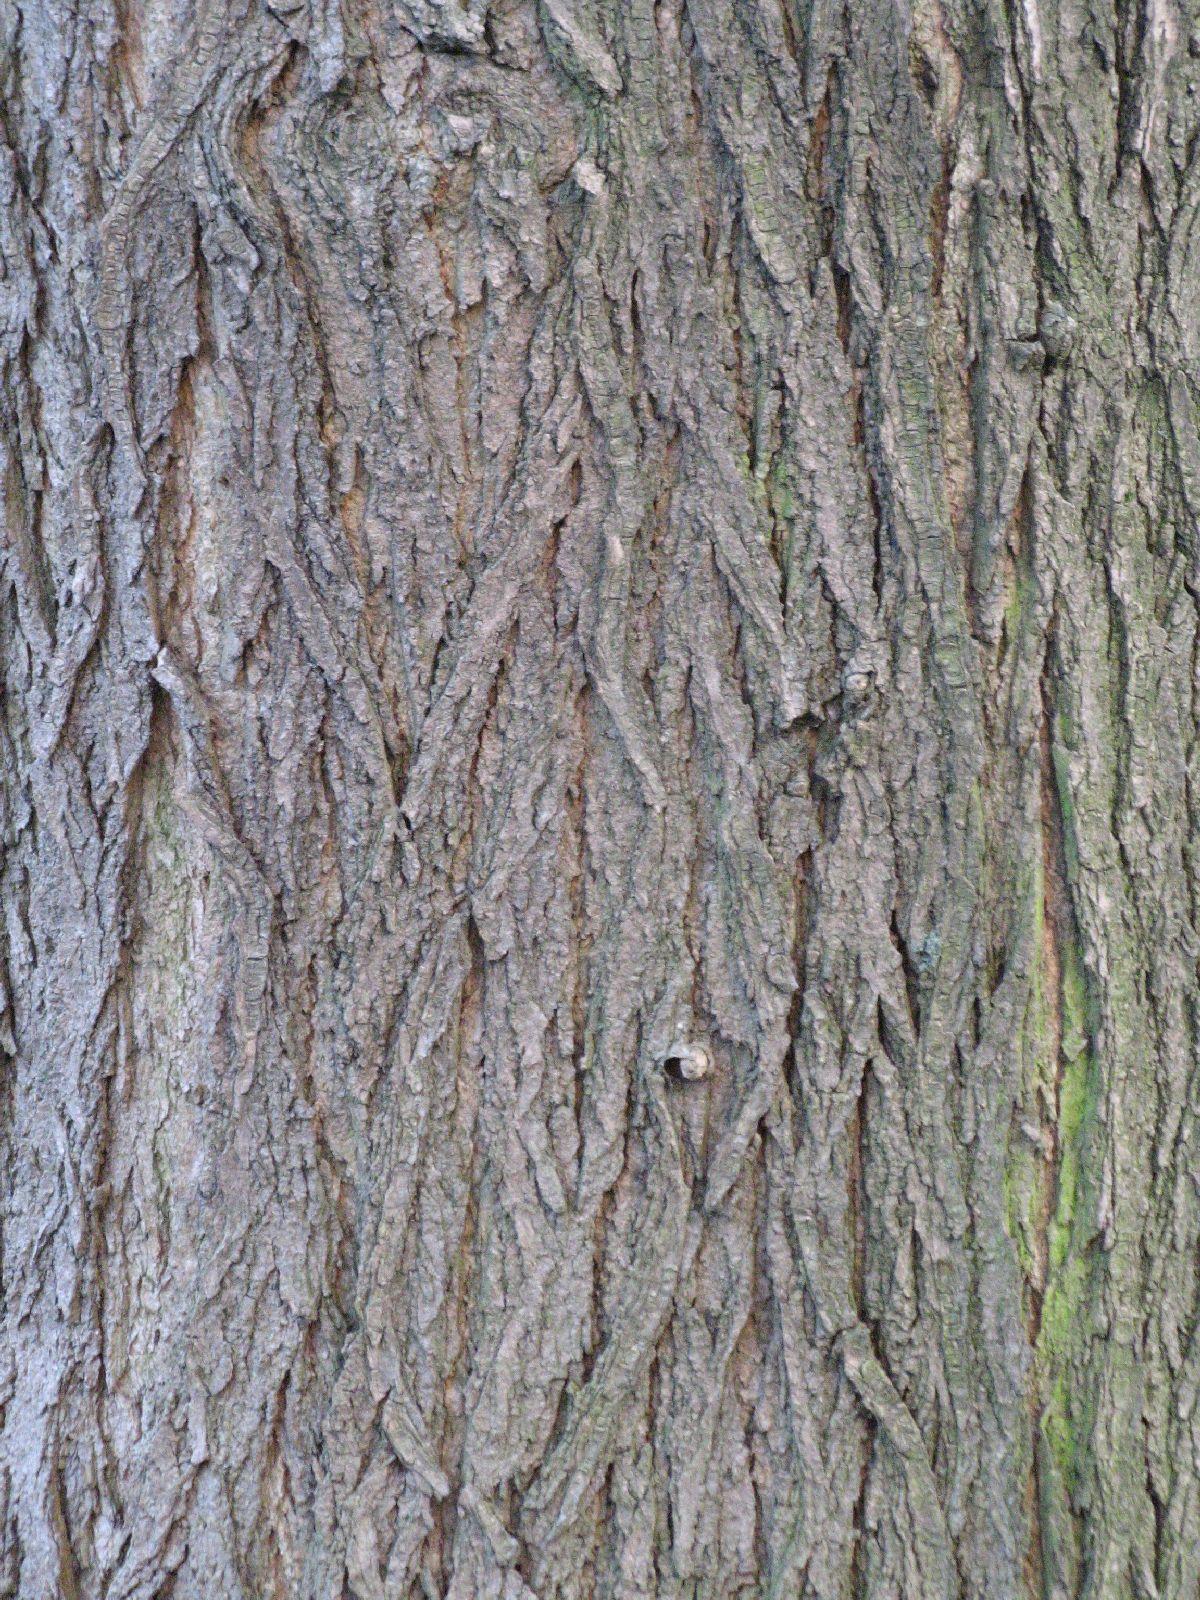 Baum-Rinde_Texturs_B_27420